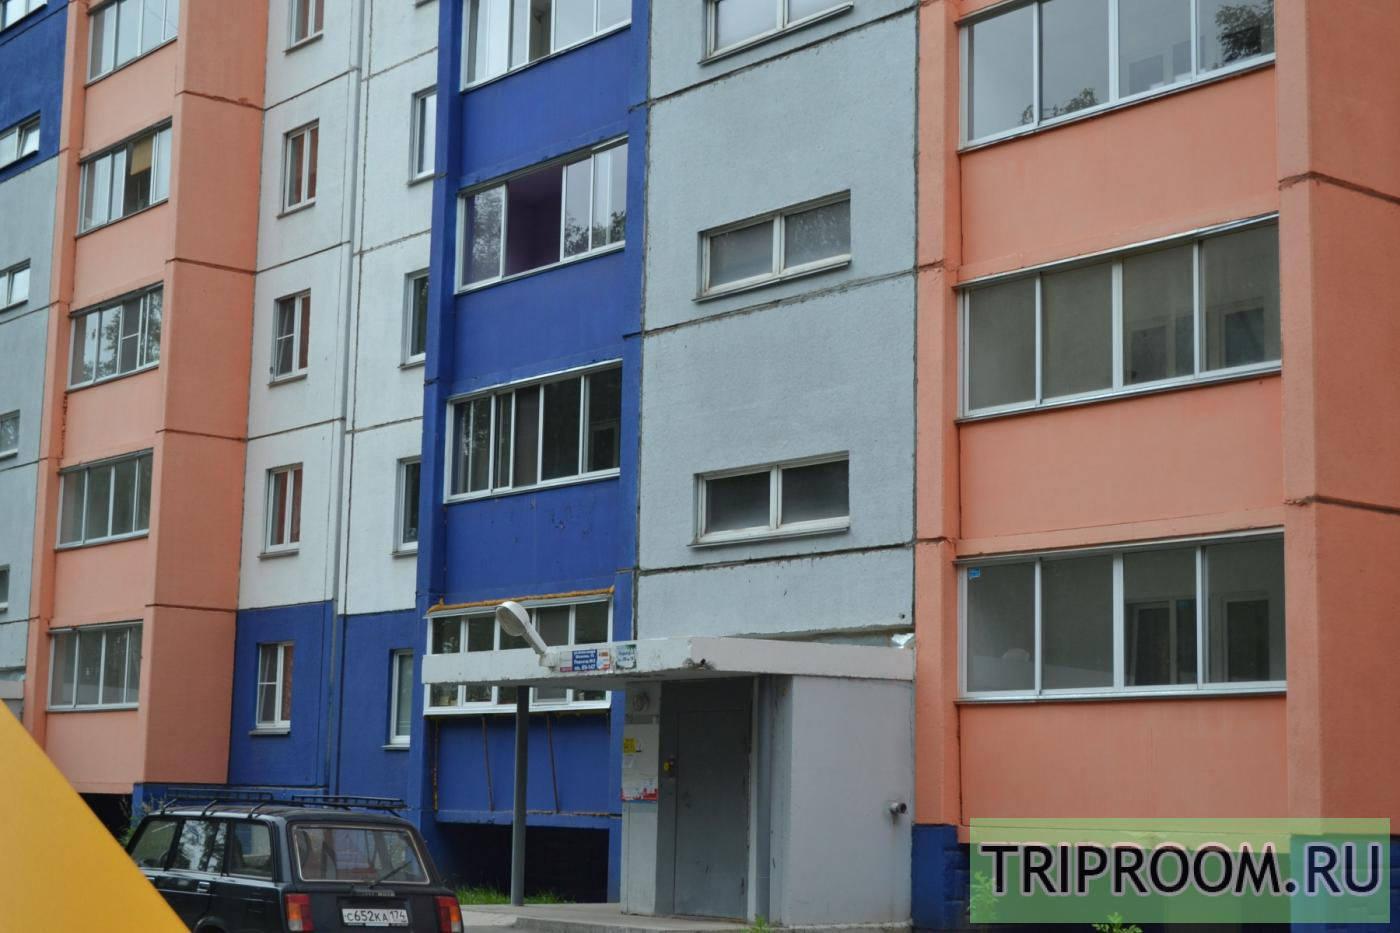 1-комнатная квартира посуточно (вариант № 10439), ул. Александра Шмакова улица, фото № 9